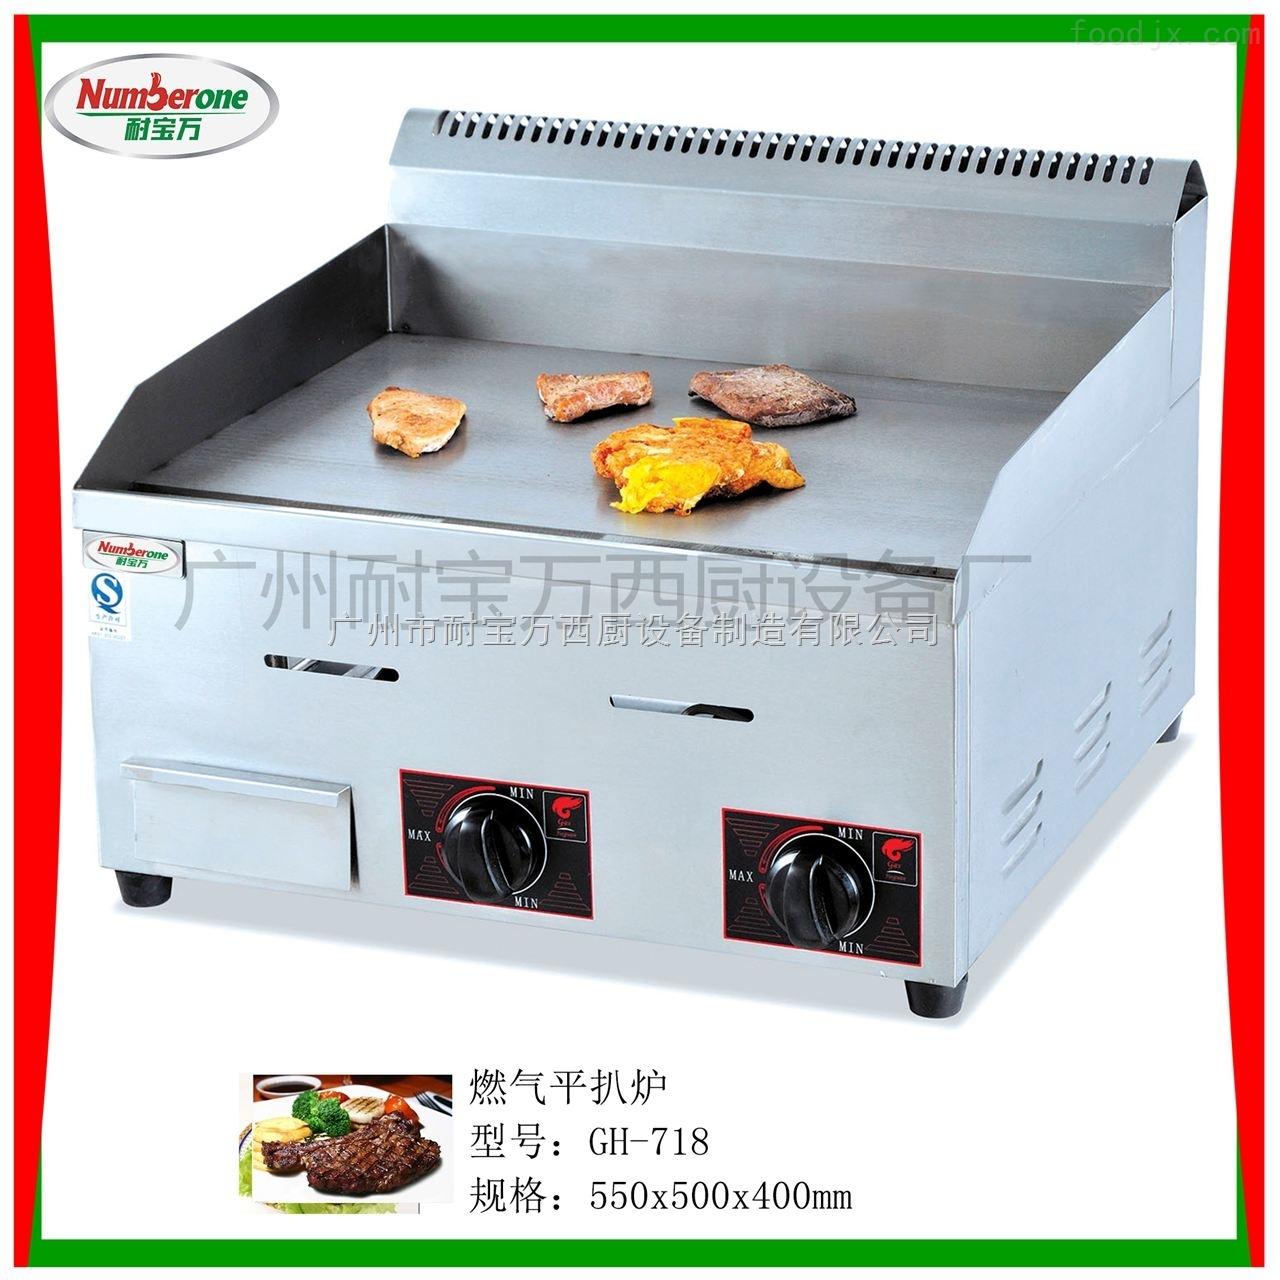 燃气平扒炉/油炸锅/煎饼炉/燃气扒炉/炸炉